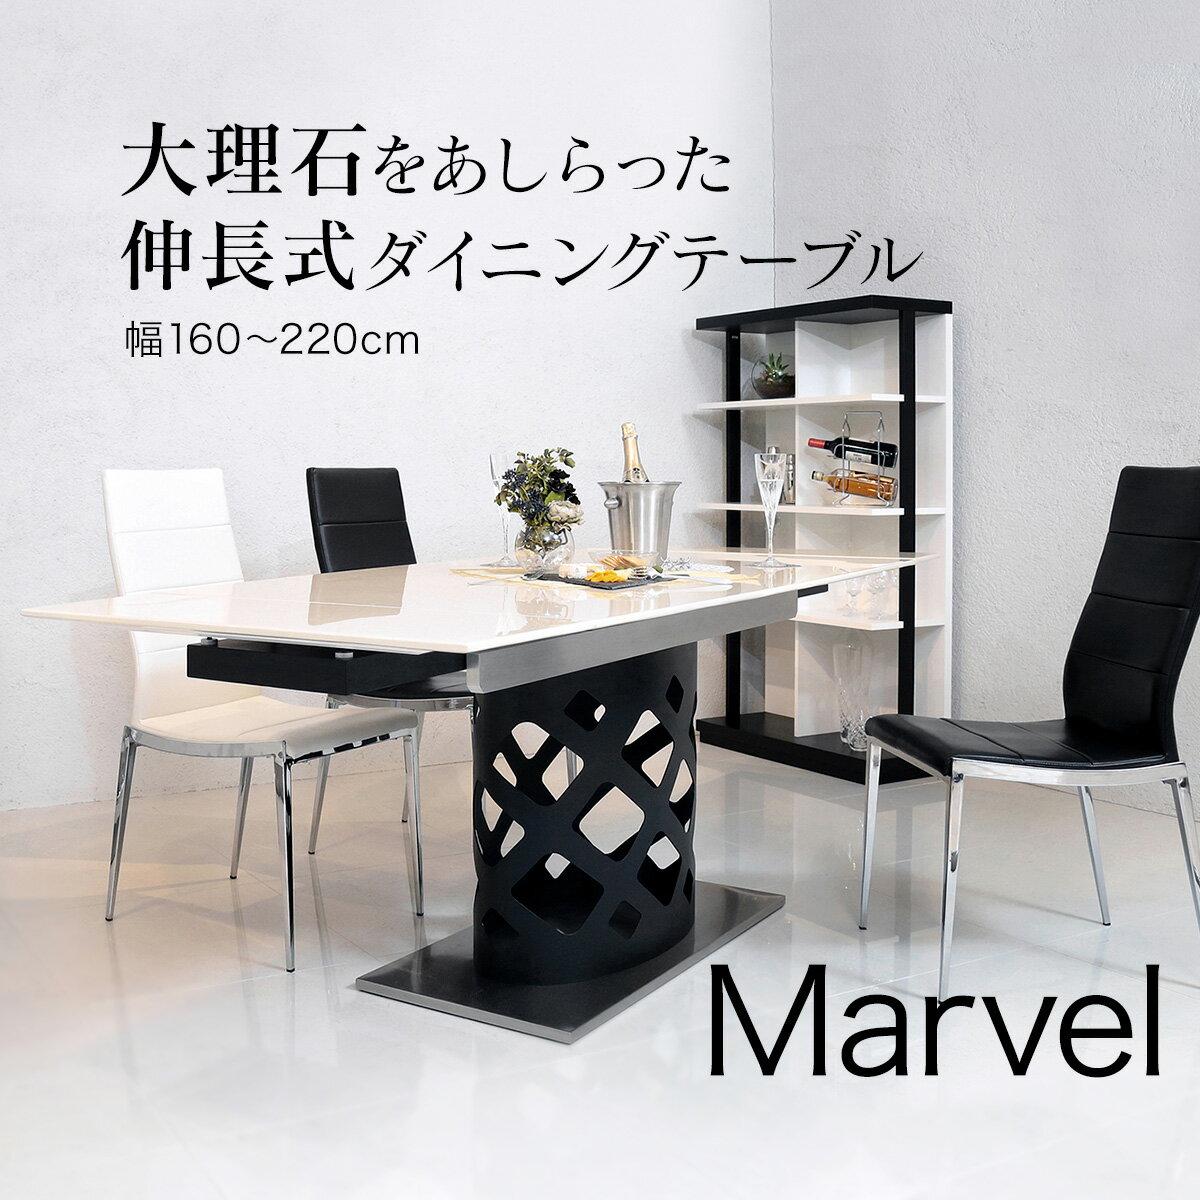 伸長テーブル 大理石 ダイニングテーブル 幅160〜220cm 伸長 ダイニング テーブル 食卓 ホワイト Marvel マーベル クラスティーナ 3年保証 4人掛け 6人掛け モダン 高級 ラグジュアリー